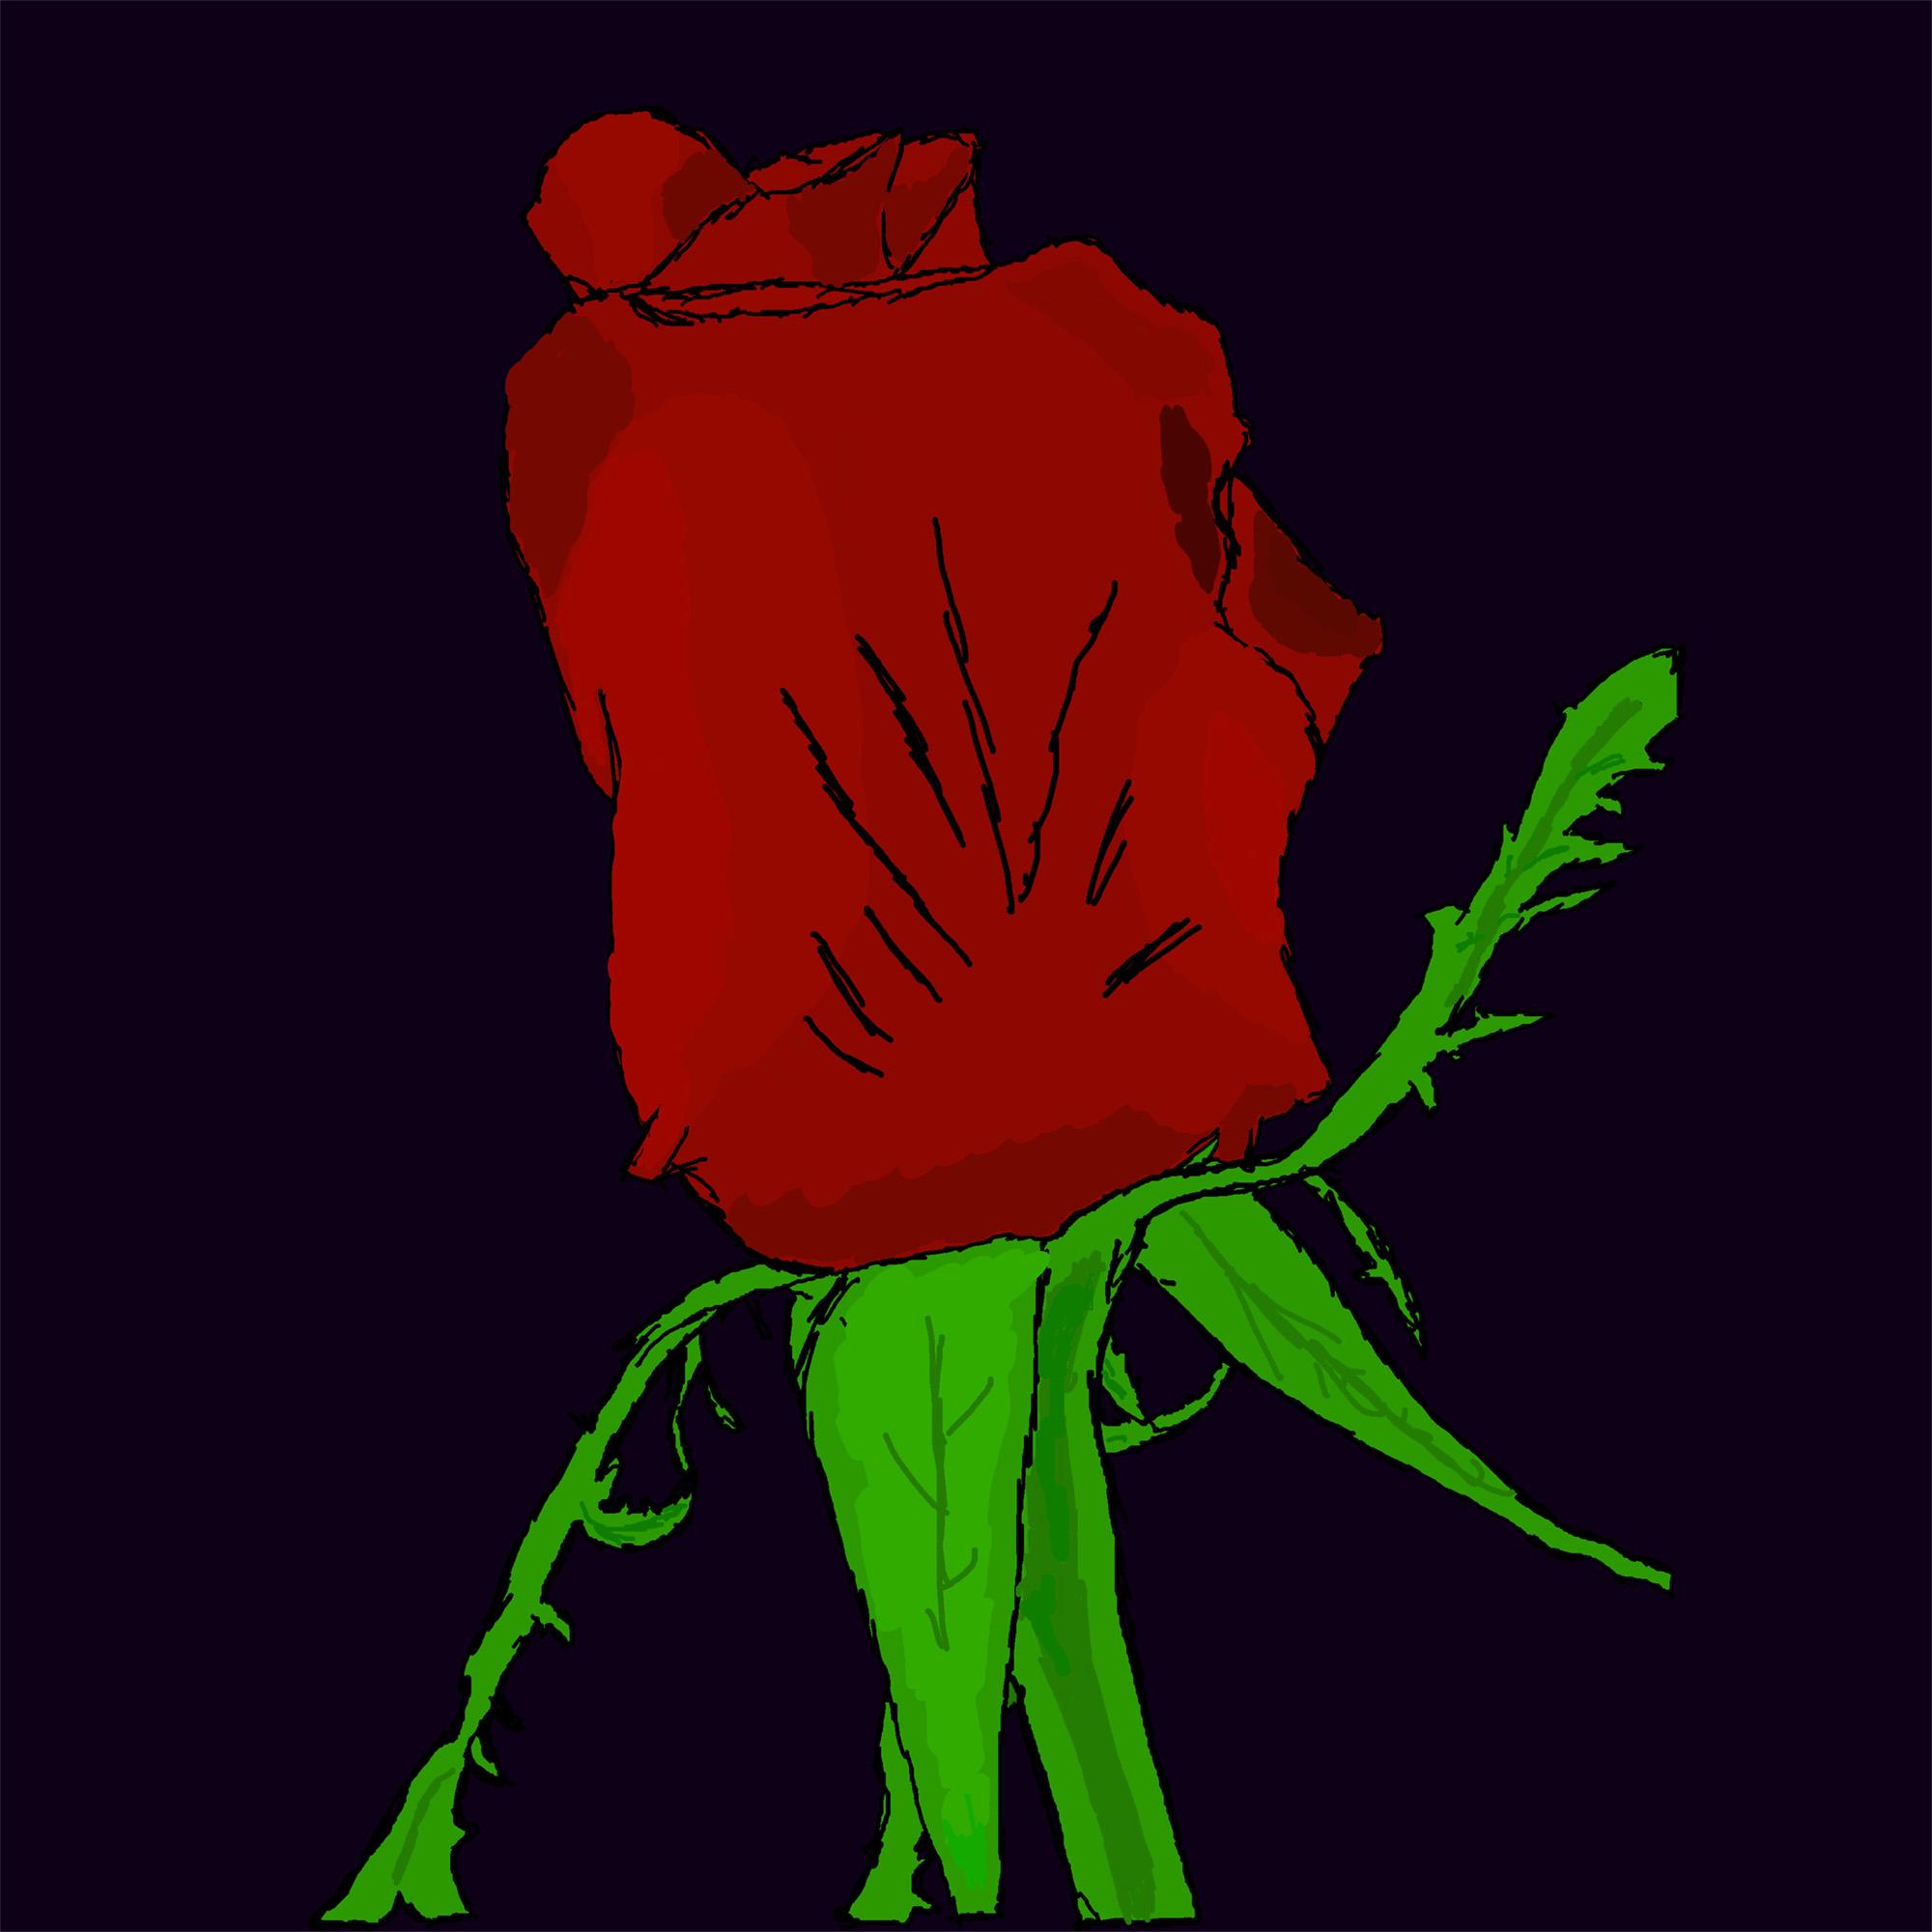 Krista's Rose